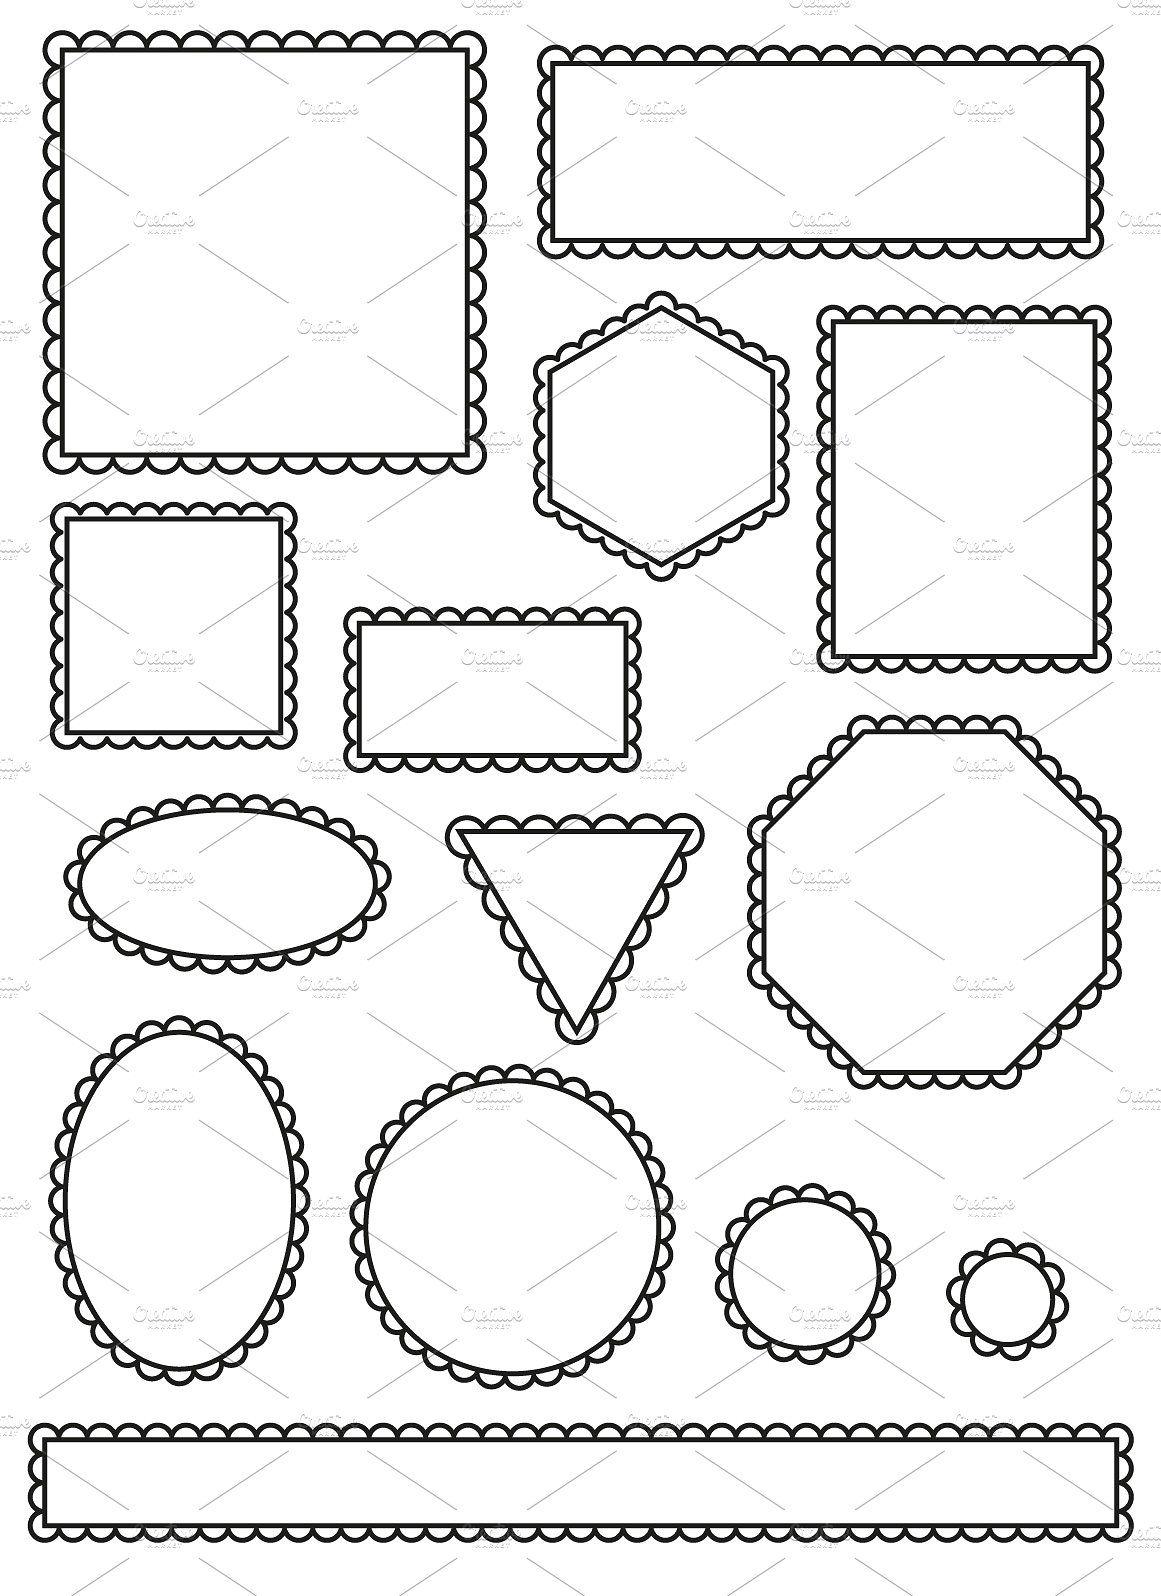 Simple scalloped frames Simple, Illustration design, Frame